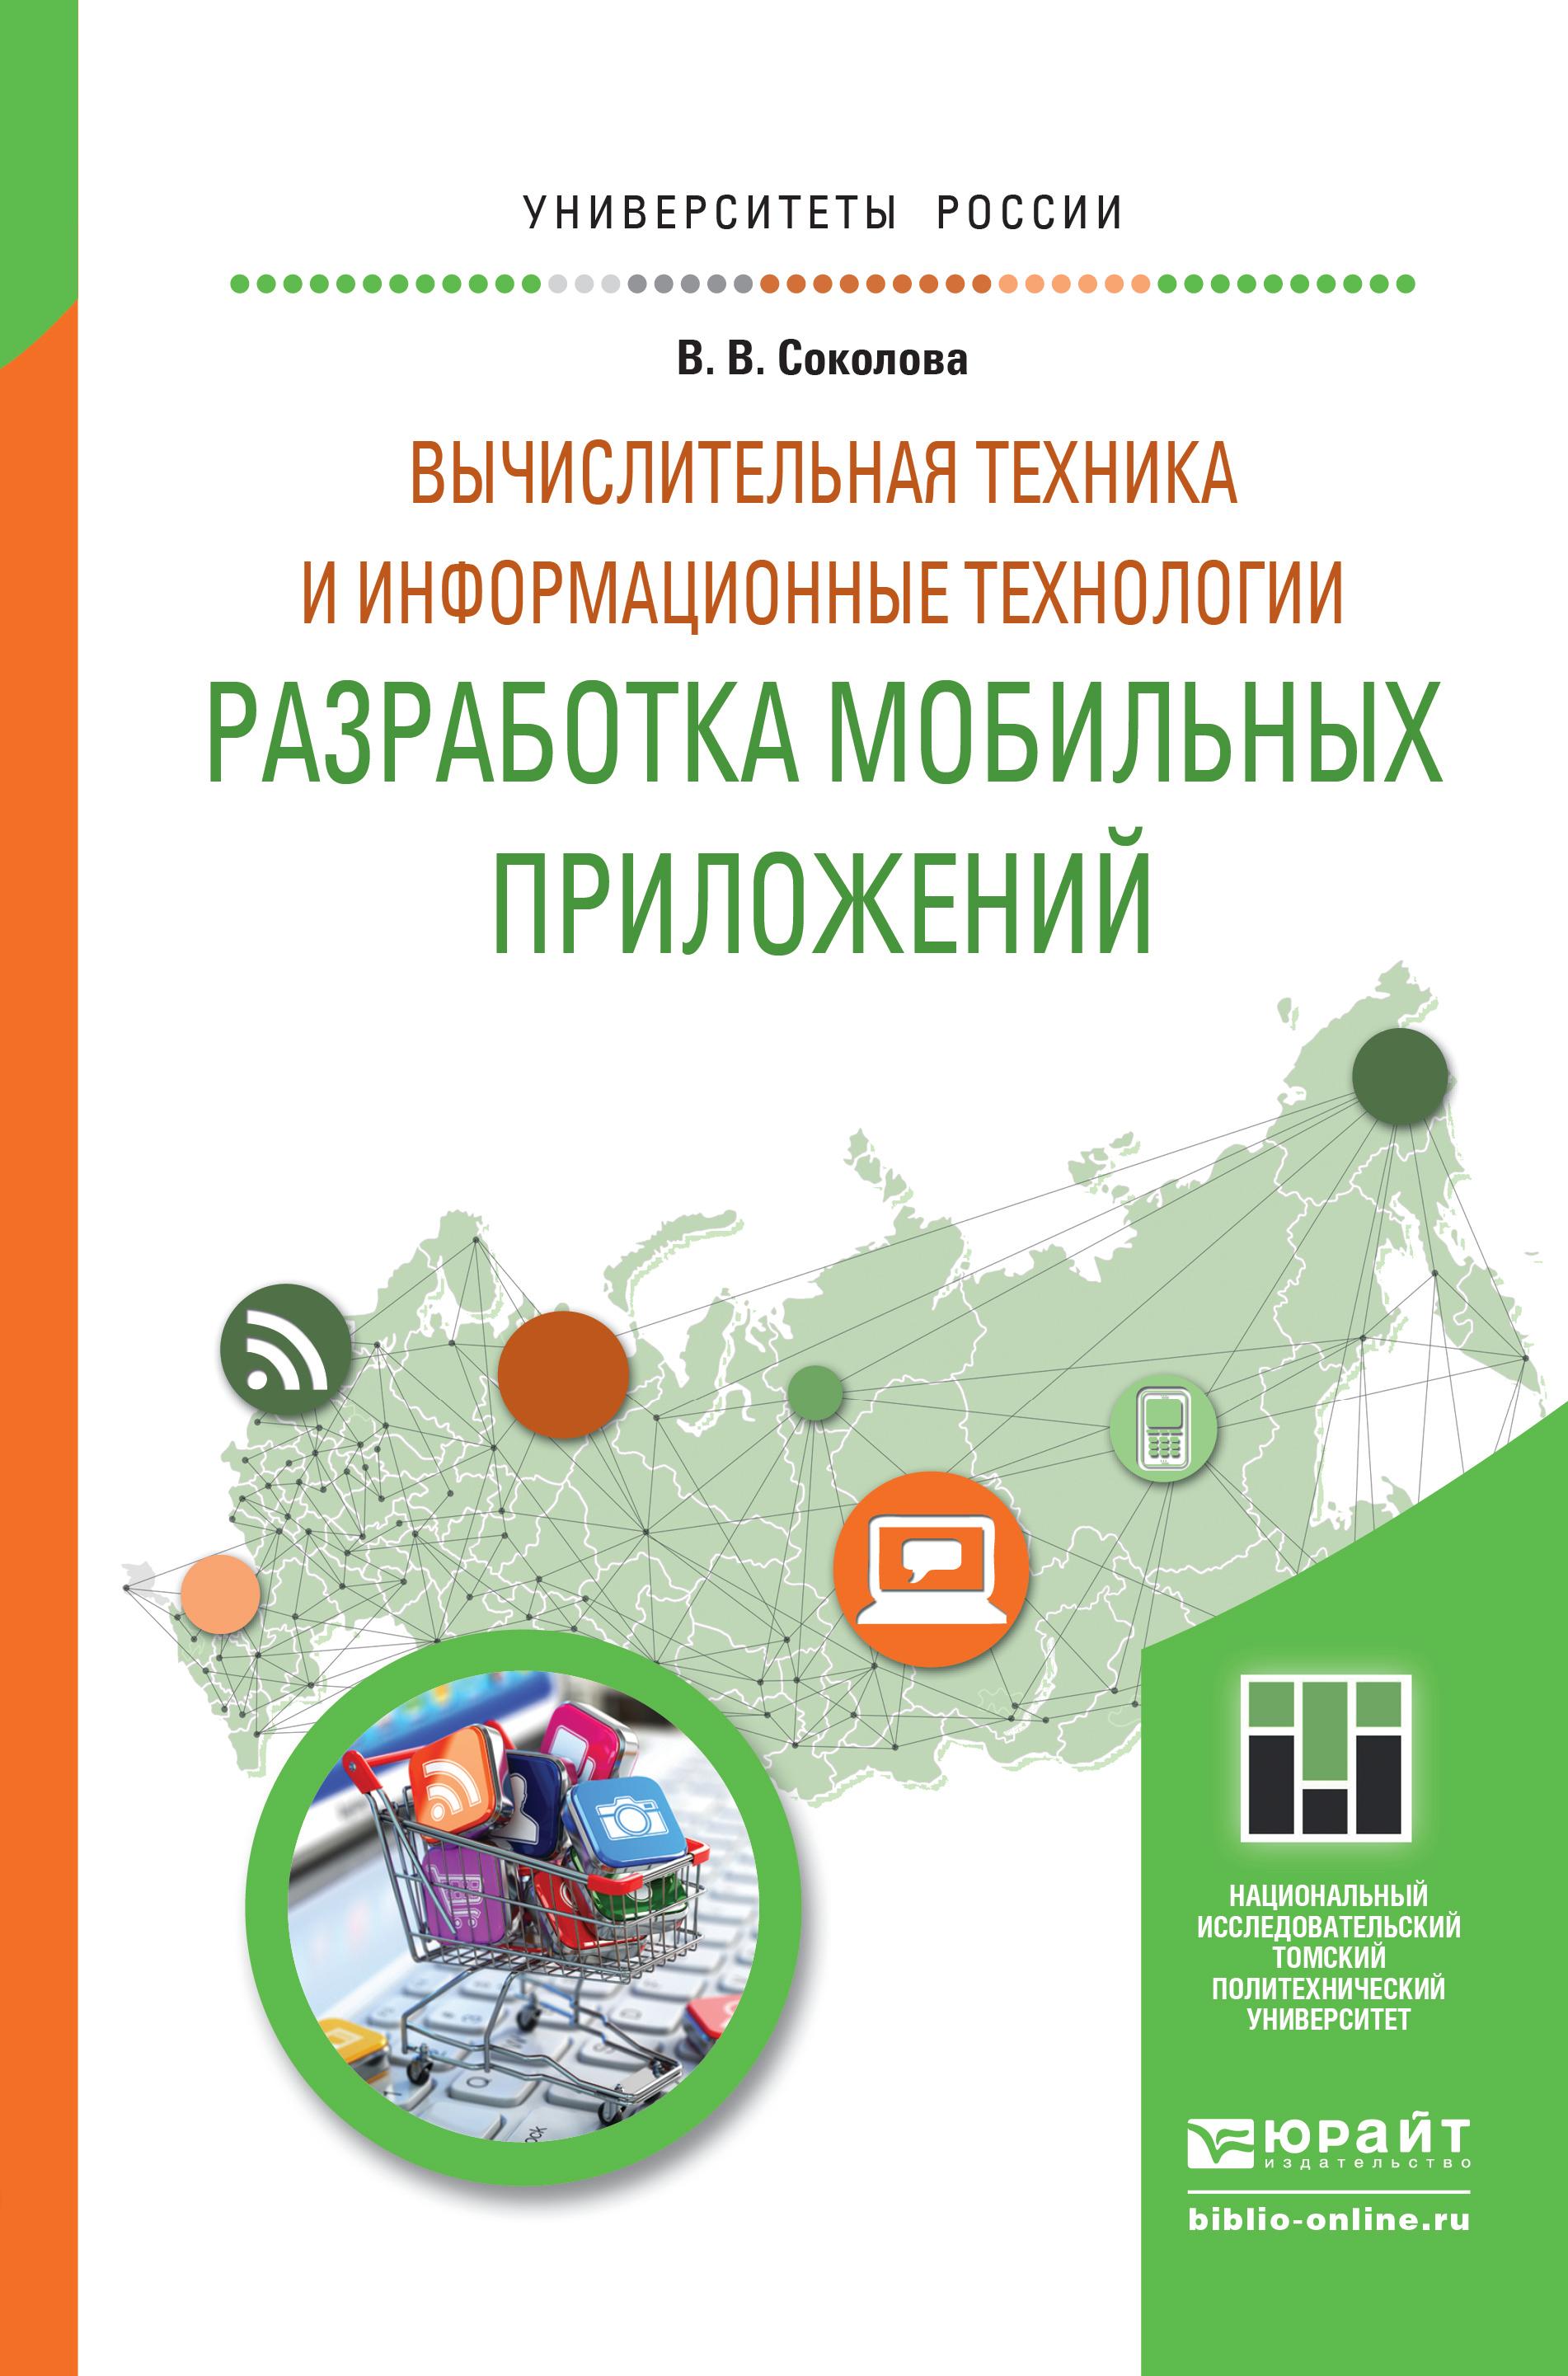 Вычислительная техника и информационные технологии. Разработка мобильных приложений. Учебное пособие для прикладного бакалавриата